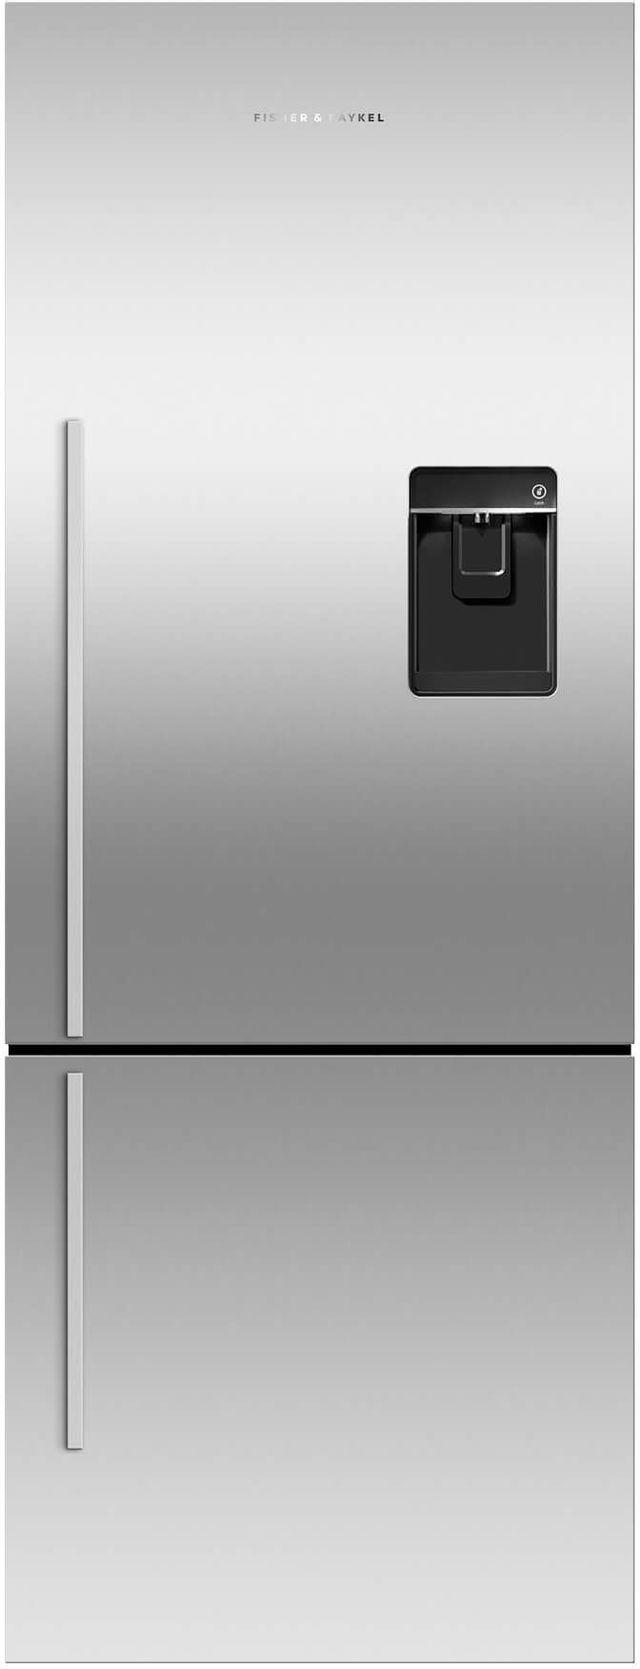 Réfrigérateur à congélateur inférieur à profondeur de comptoir de 24 po Fisher Paykel® de 13,4 pi³ - Acier inoxydable-RF135BDRUX4 N